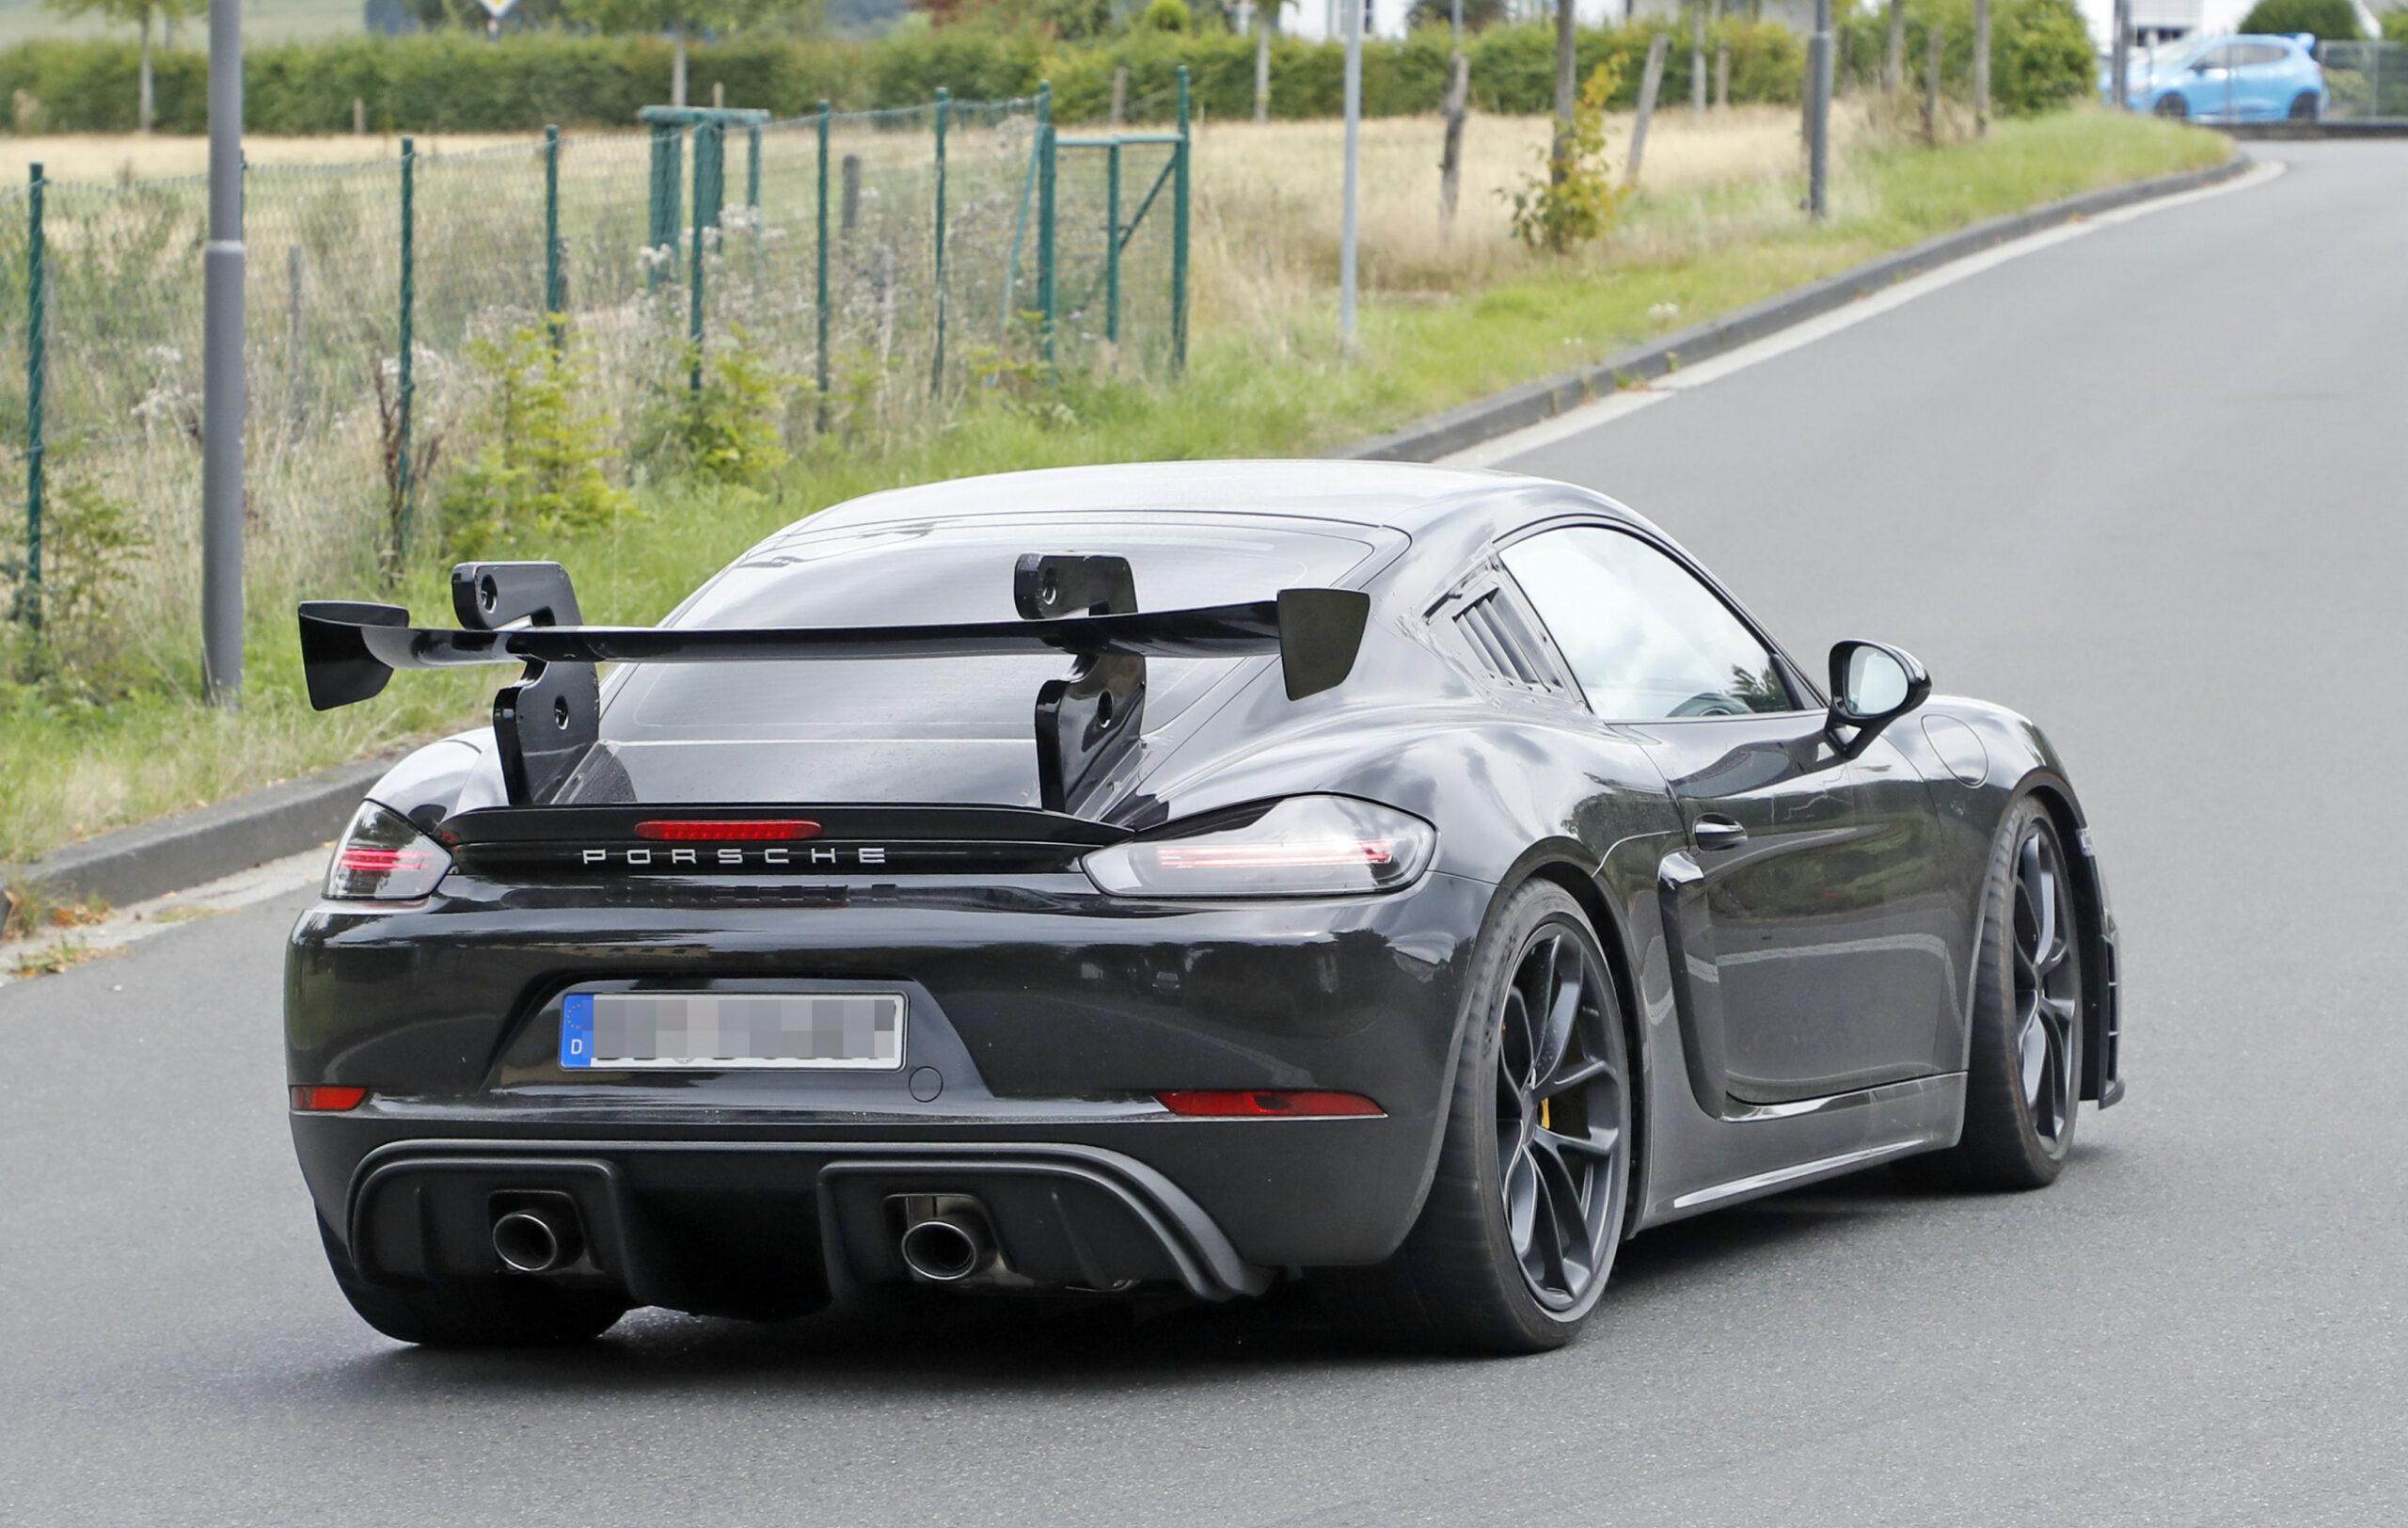 Redesign and Concept 2022 The Porsche 718